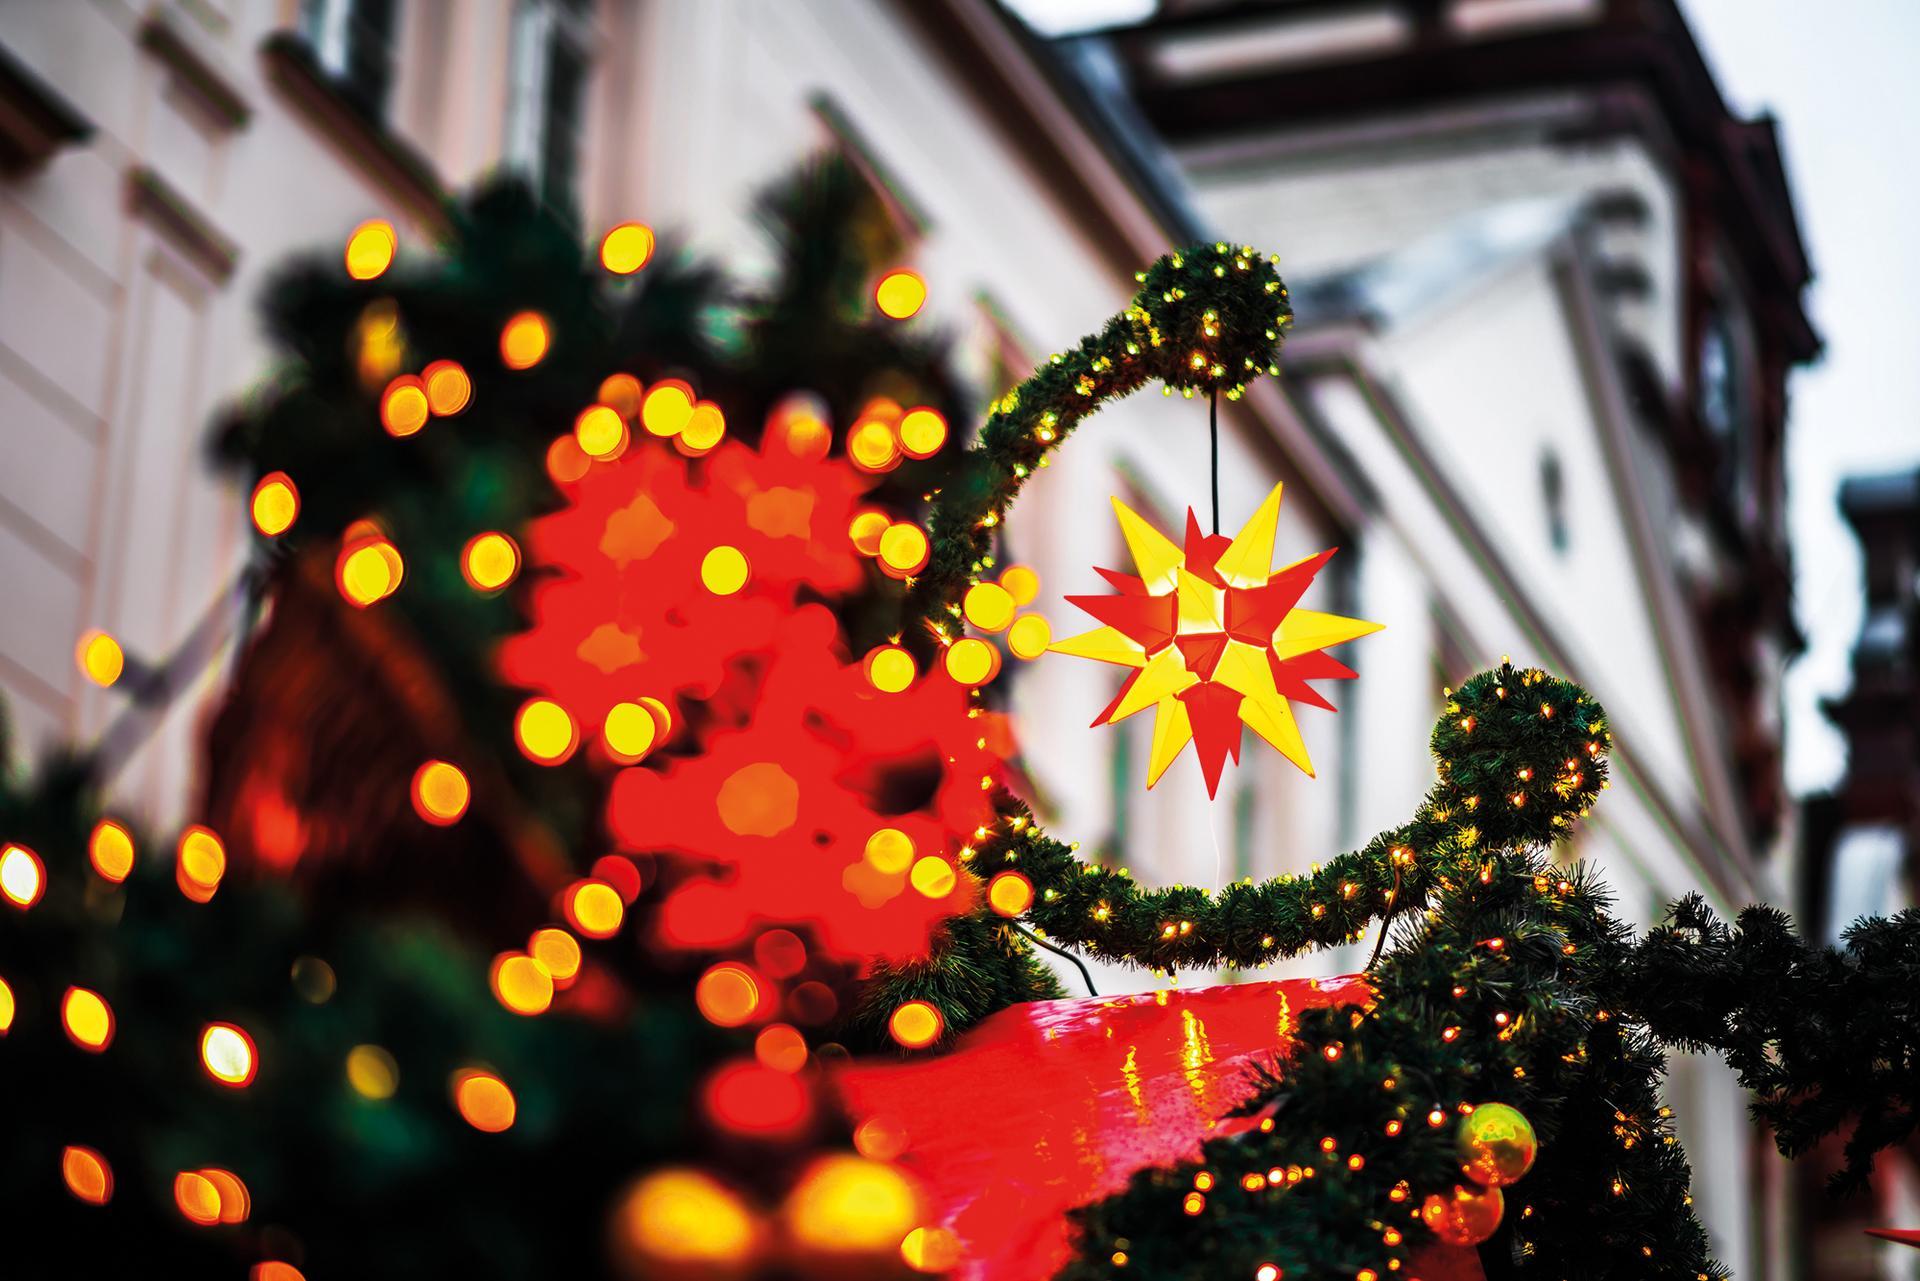 Weihnachtsmarkt iStock1070170696 web